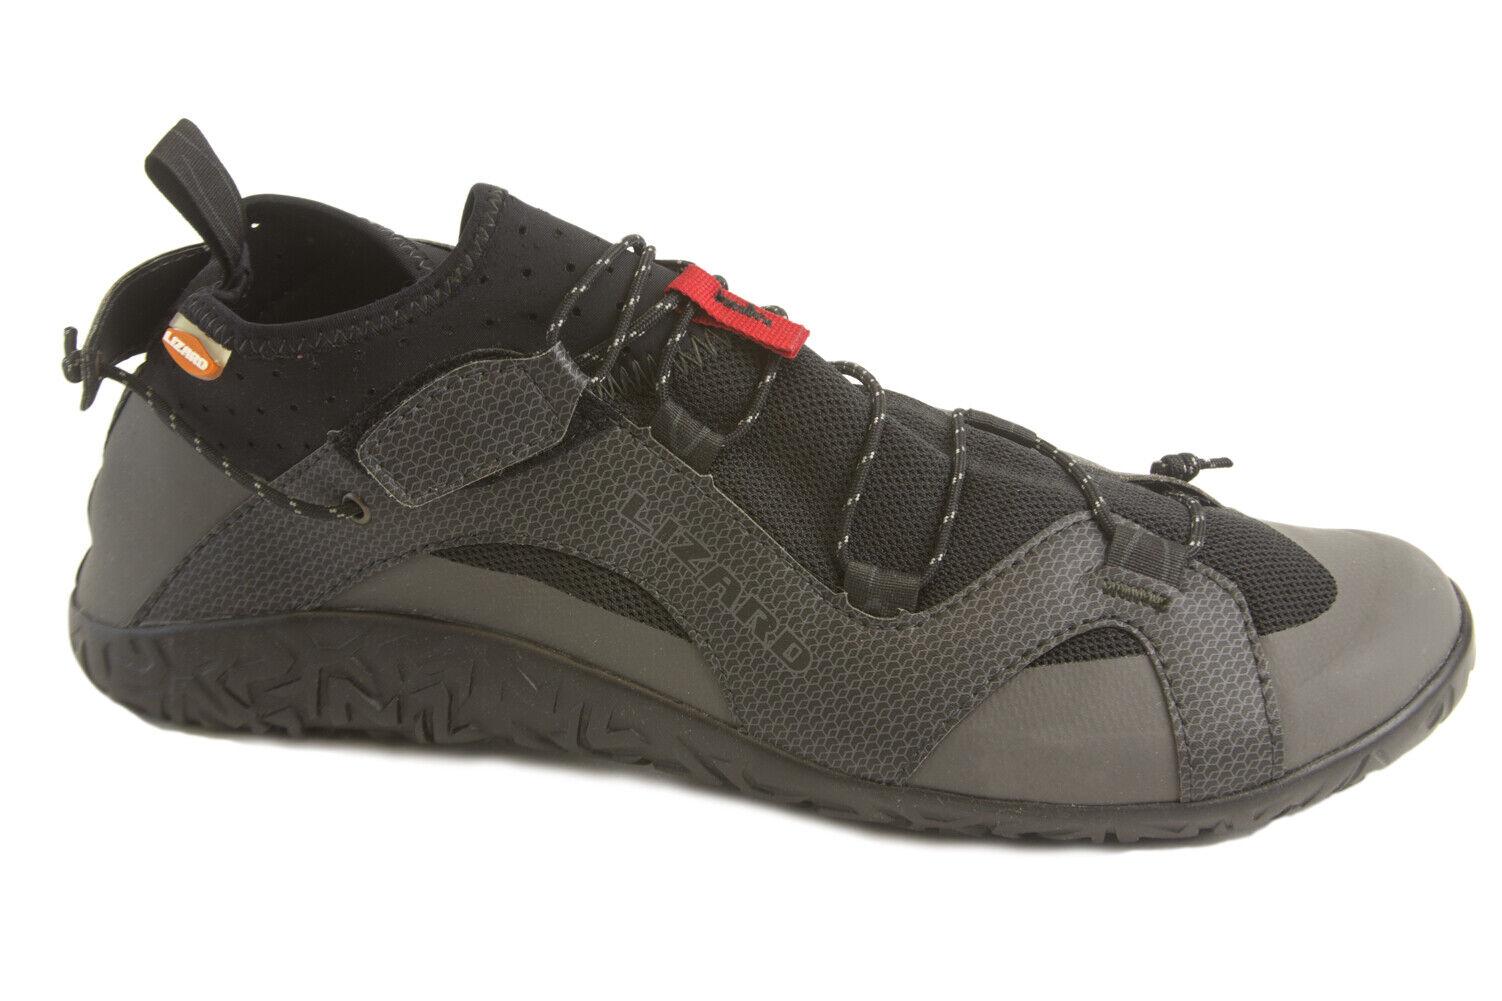 Lizard Footwear Men's Kross Amphibious Dark Grey Trail shoes  NEW